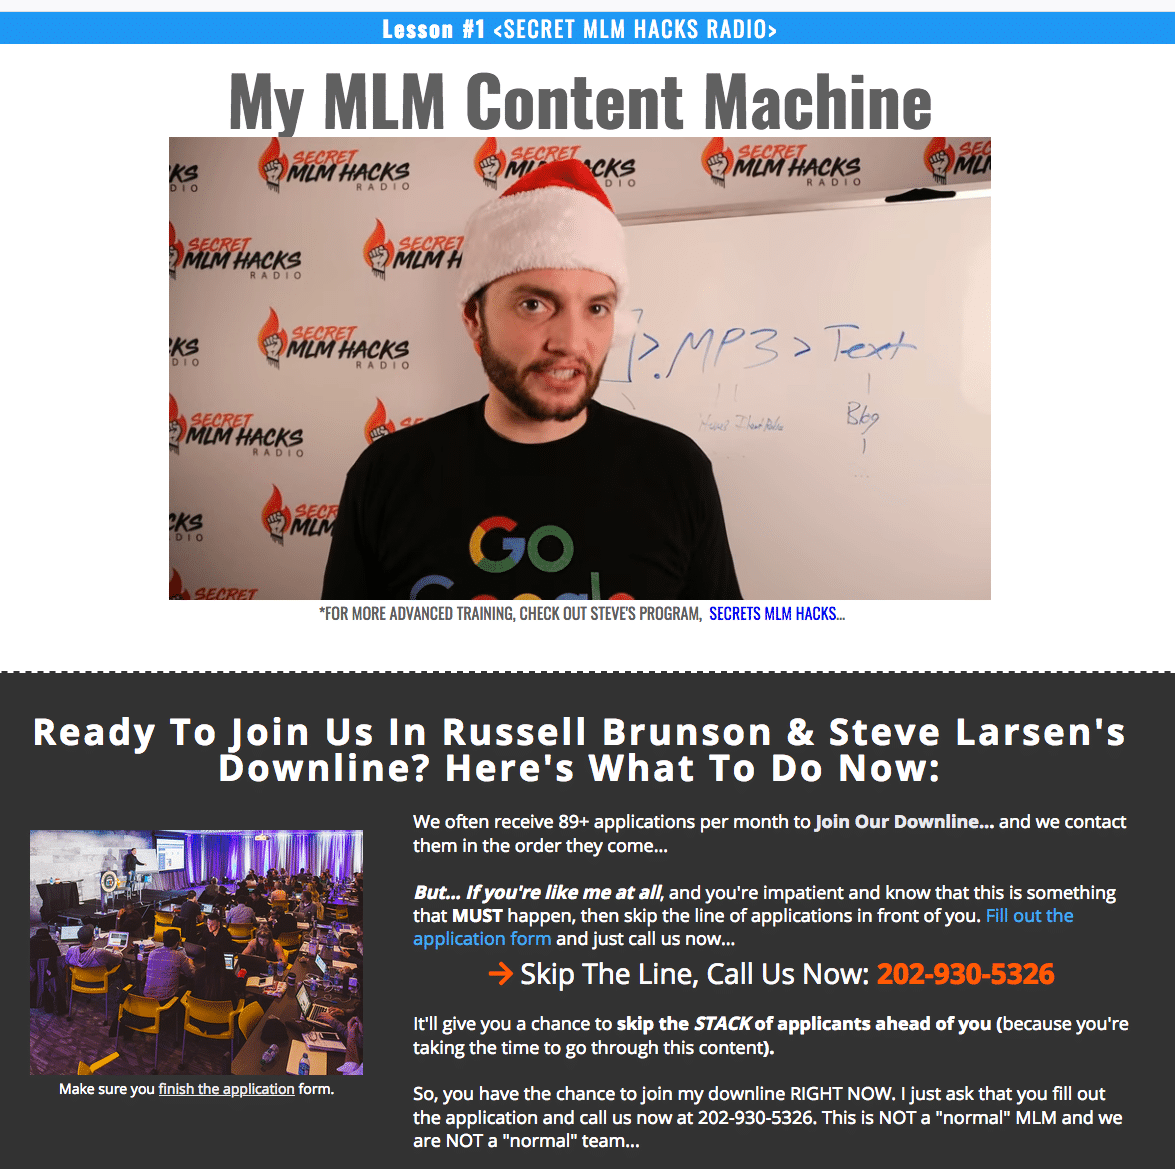 mlm content machine